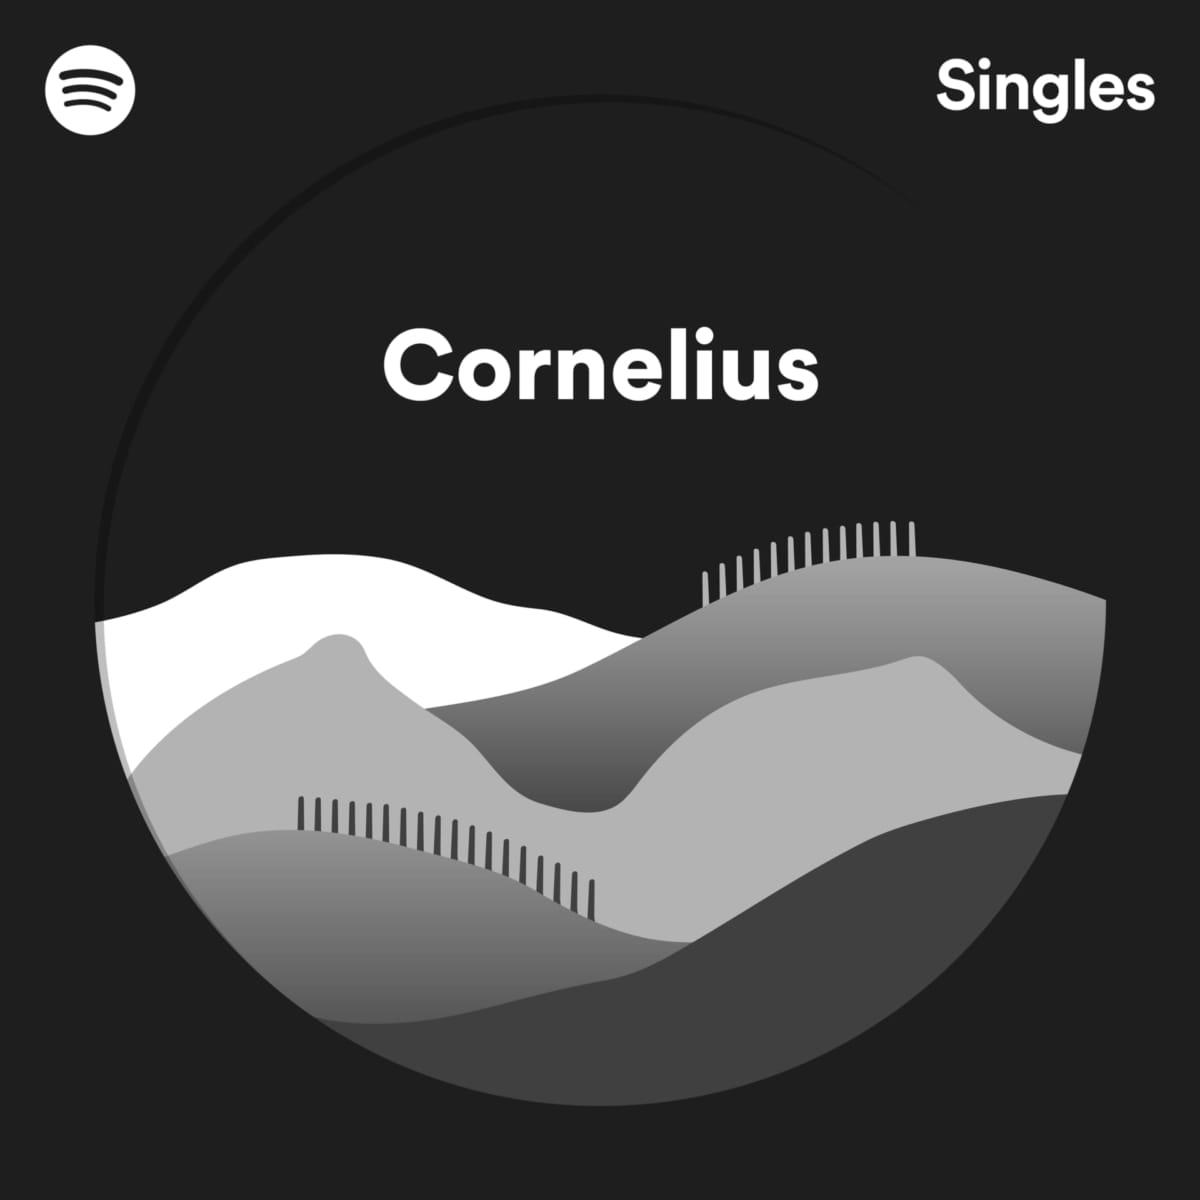 """コーネリアスがドレイク""""Passionfruit""""をカバー!「Spotify Singles」に登場! music180516_cornelius-spotify_1-1200x1200"""